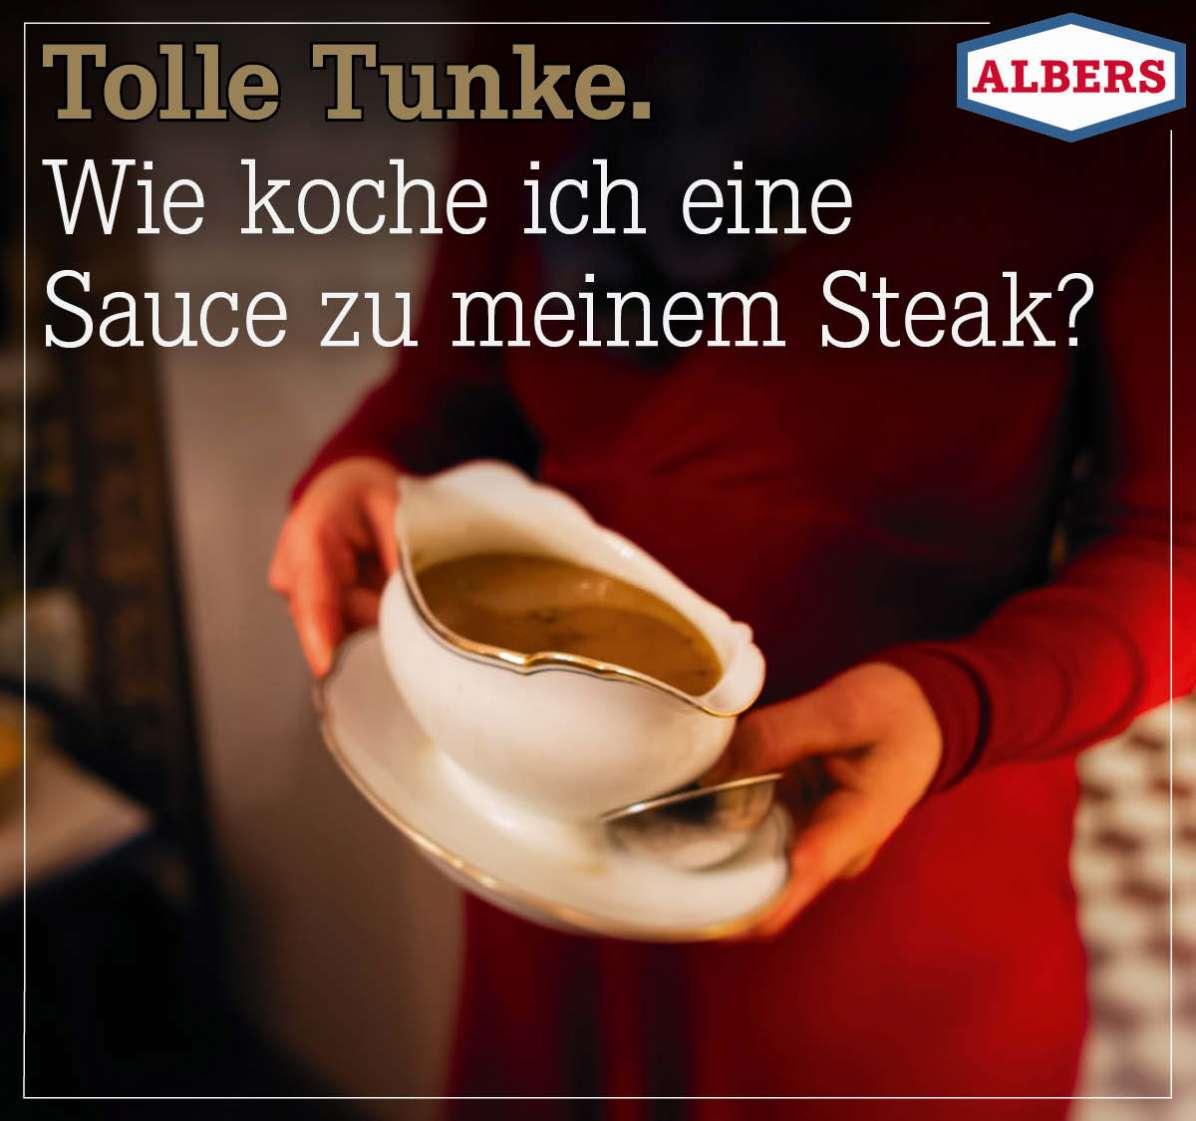 Tolle Tunke. Wie koche ich eine Sauce zu meinem Steak?